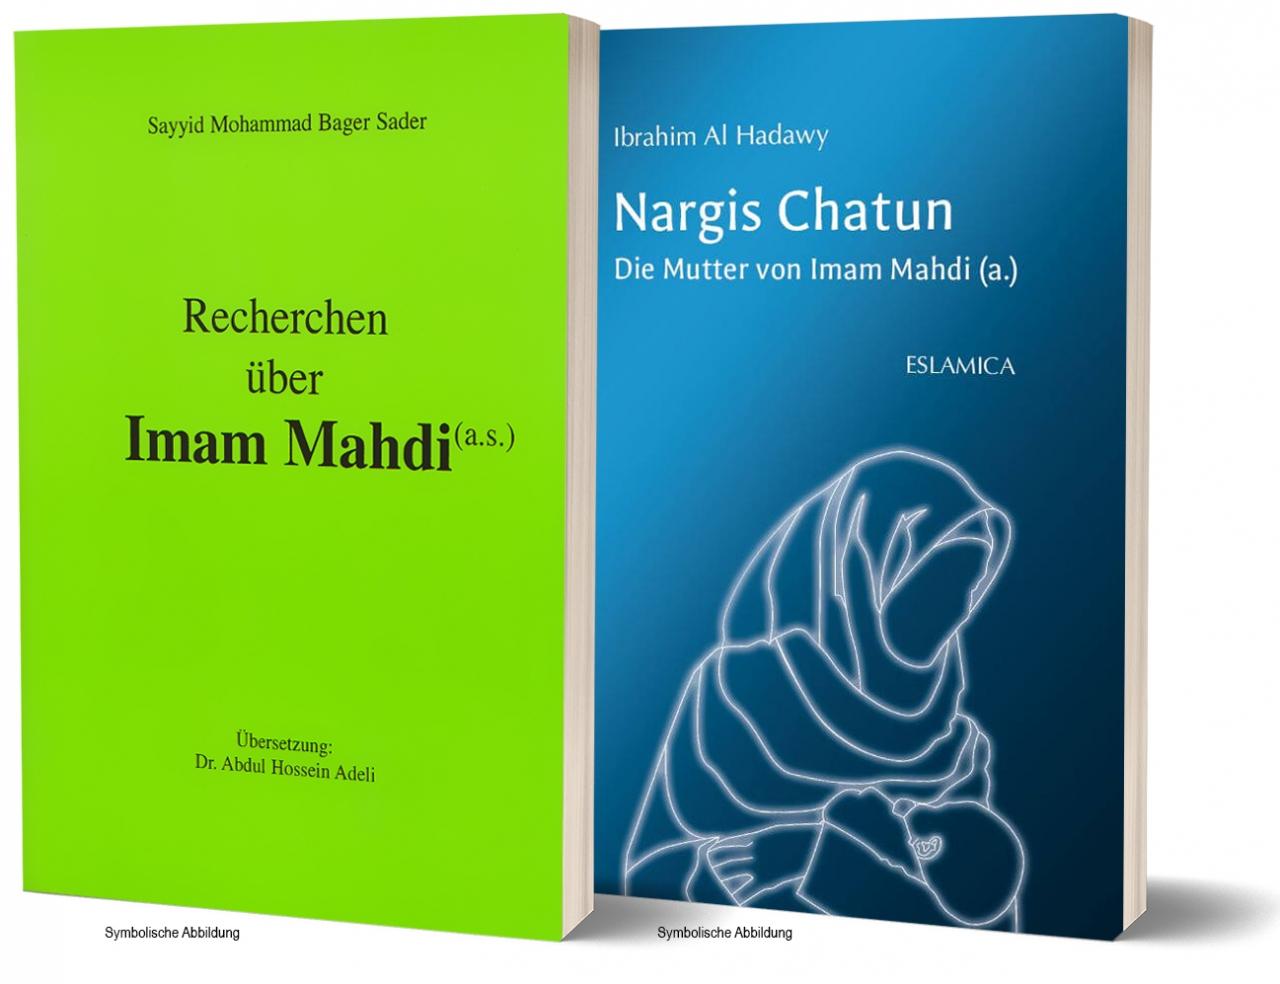 Bundel: Recherchen über Imam Mahdi + Die Mutter von Imam Mahdi (Nargis Khatun)